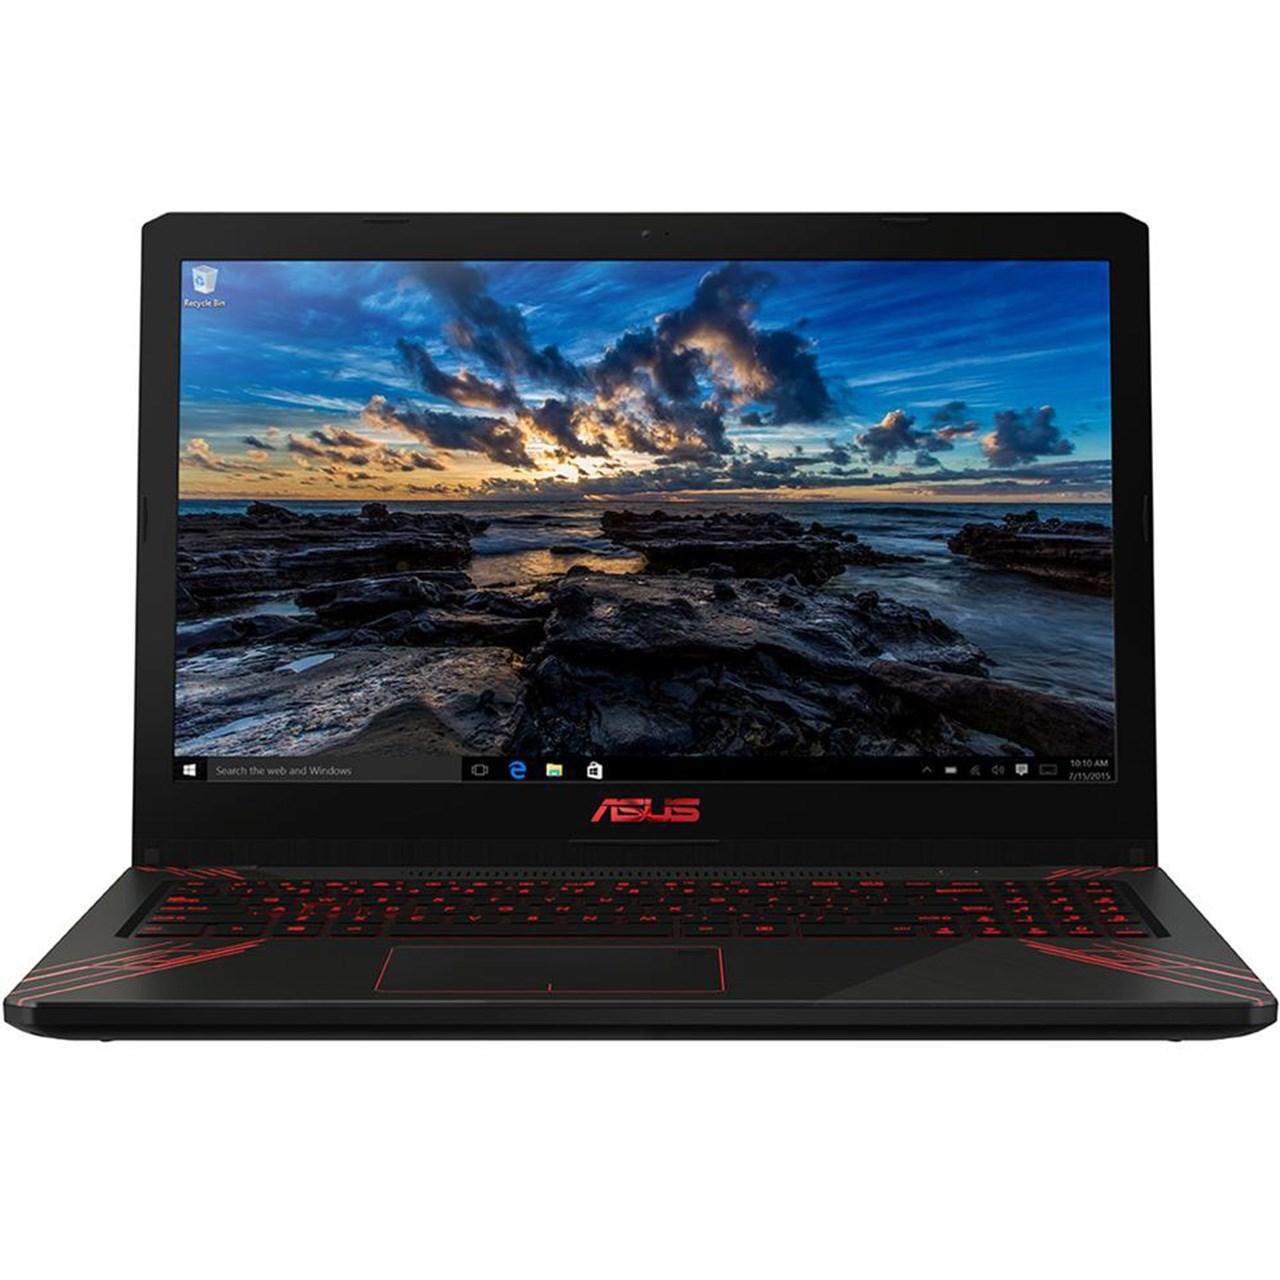 لپ تاپ 15 اینچی ایسوس مدل ROG FX570UD - K